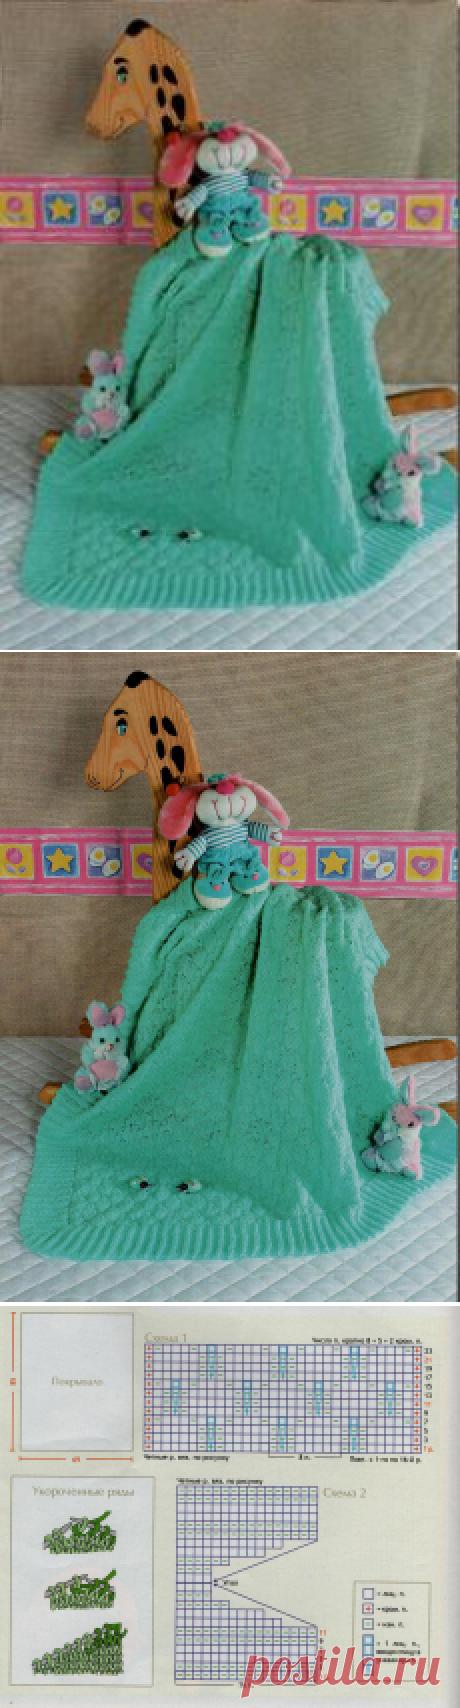 Бирюзовое детское покрывало-плед. | Плед, накидки для подушек.